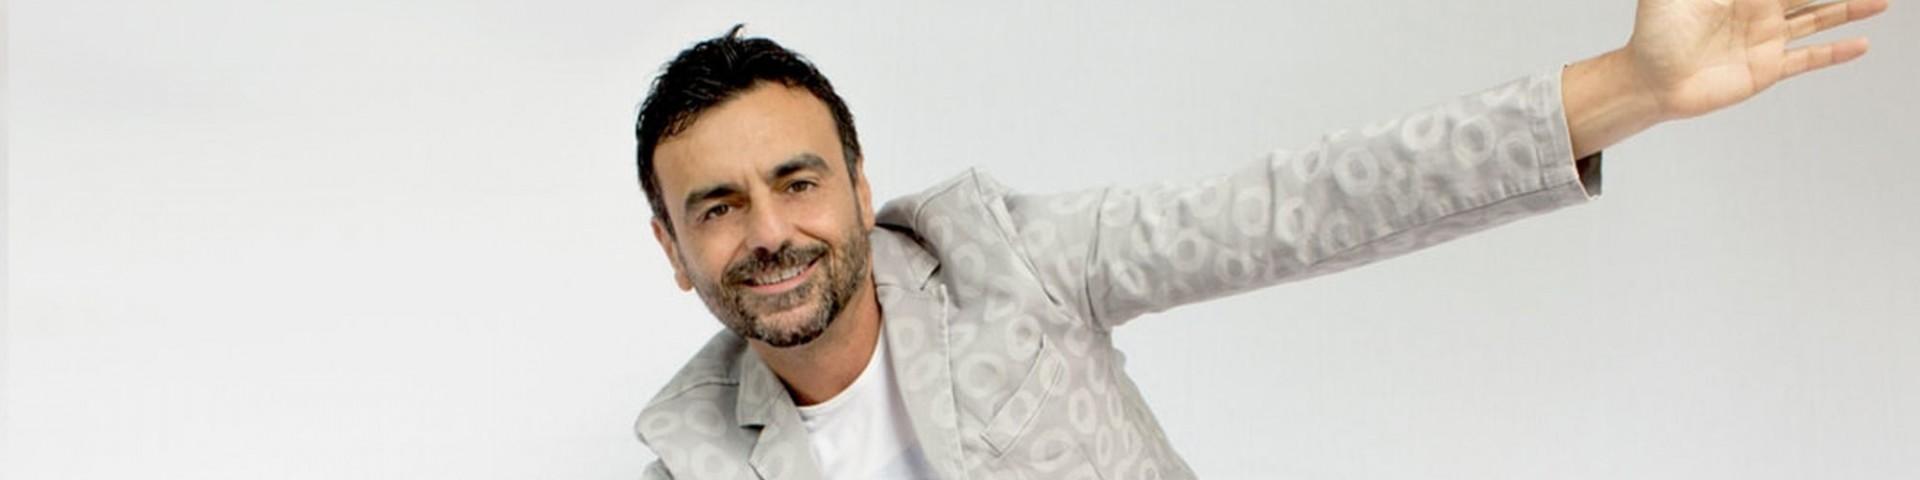 """Davide De Marinis a Tale e Quale Show: """"Vorrei imitare i cantautori del passato"""" (Video)"""